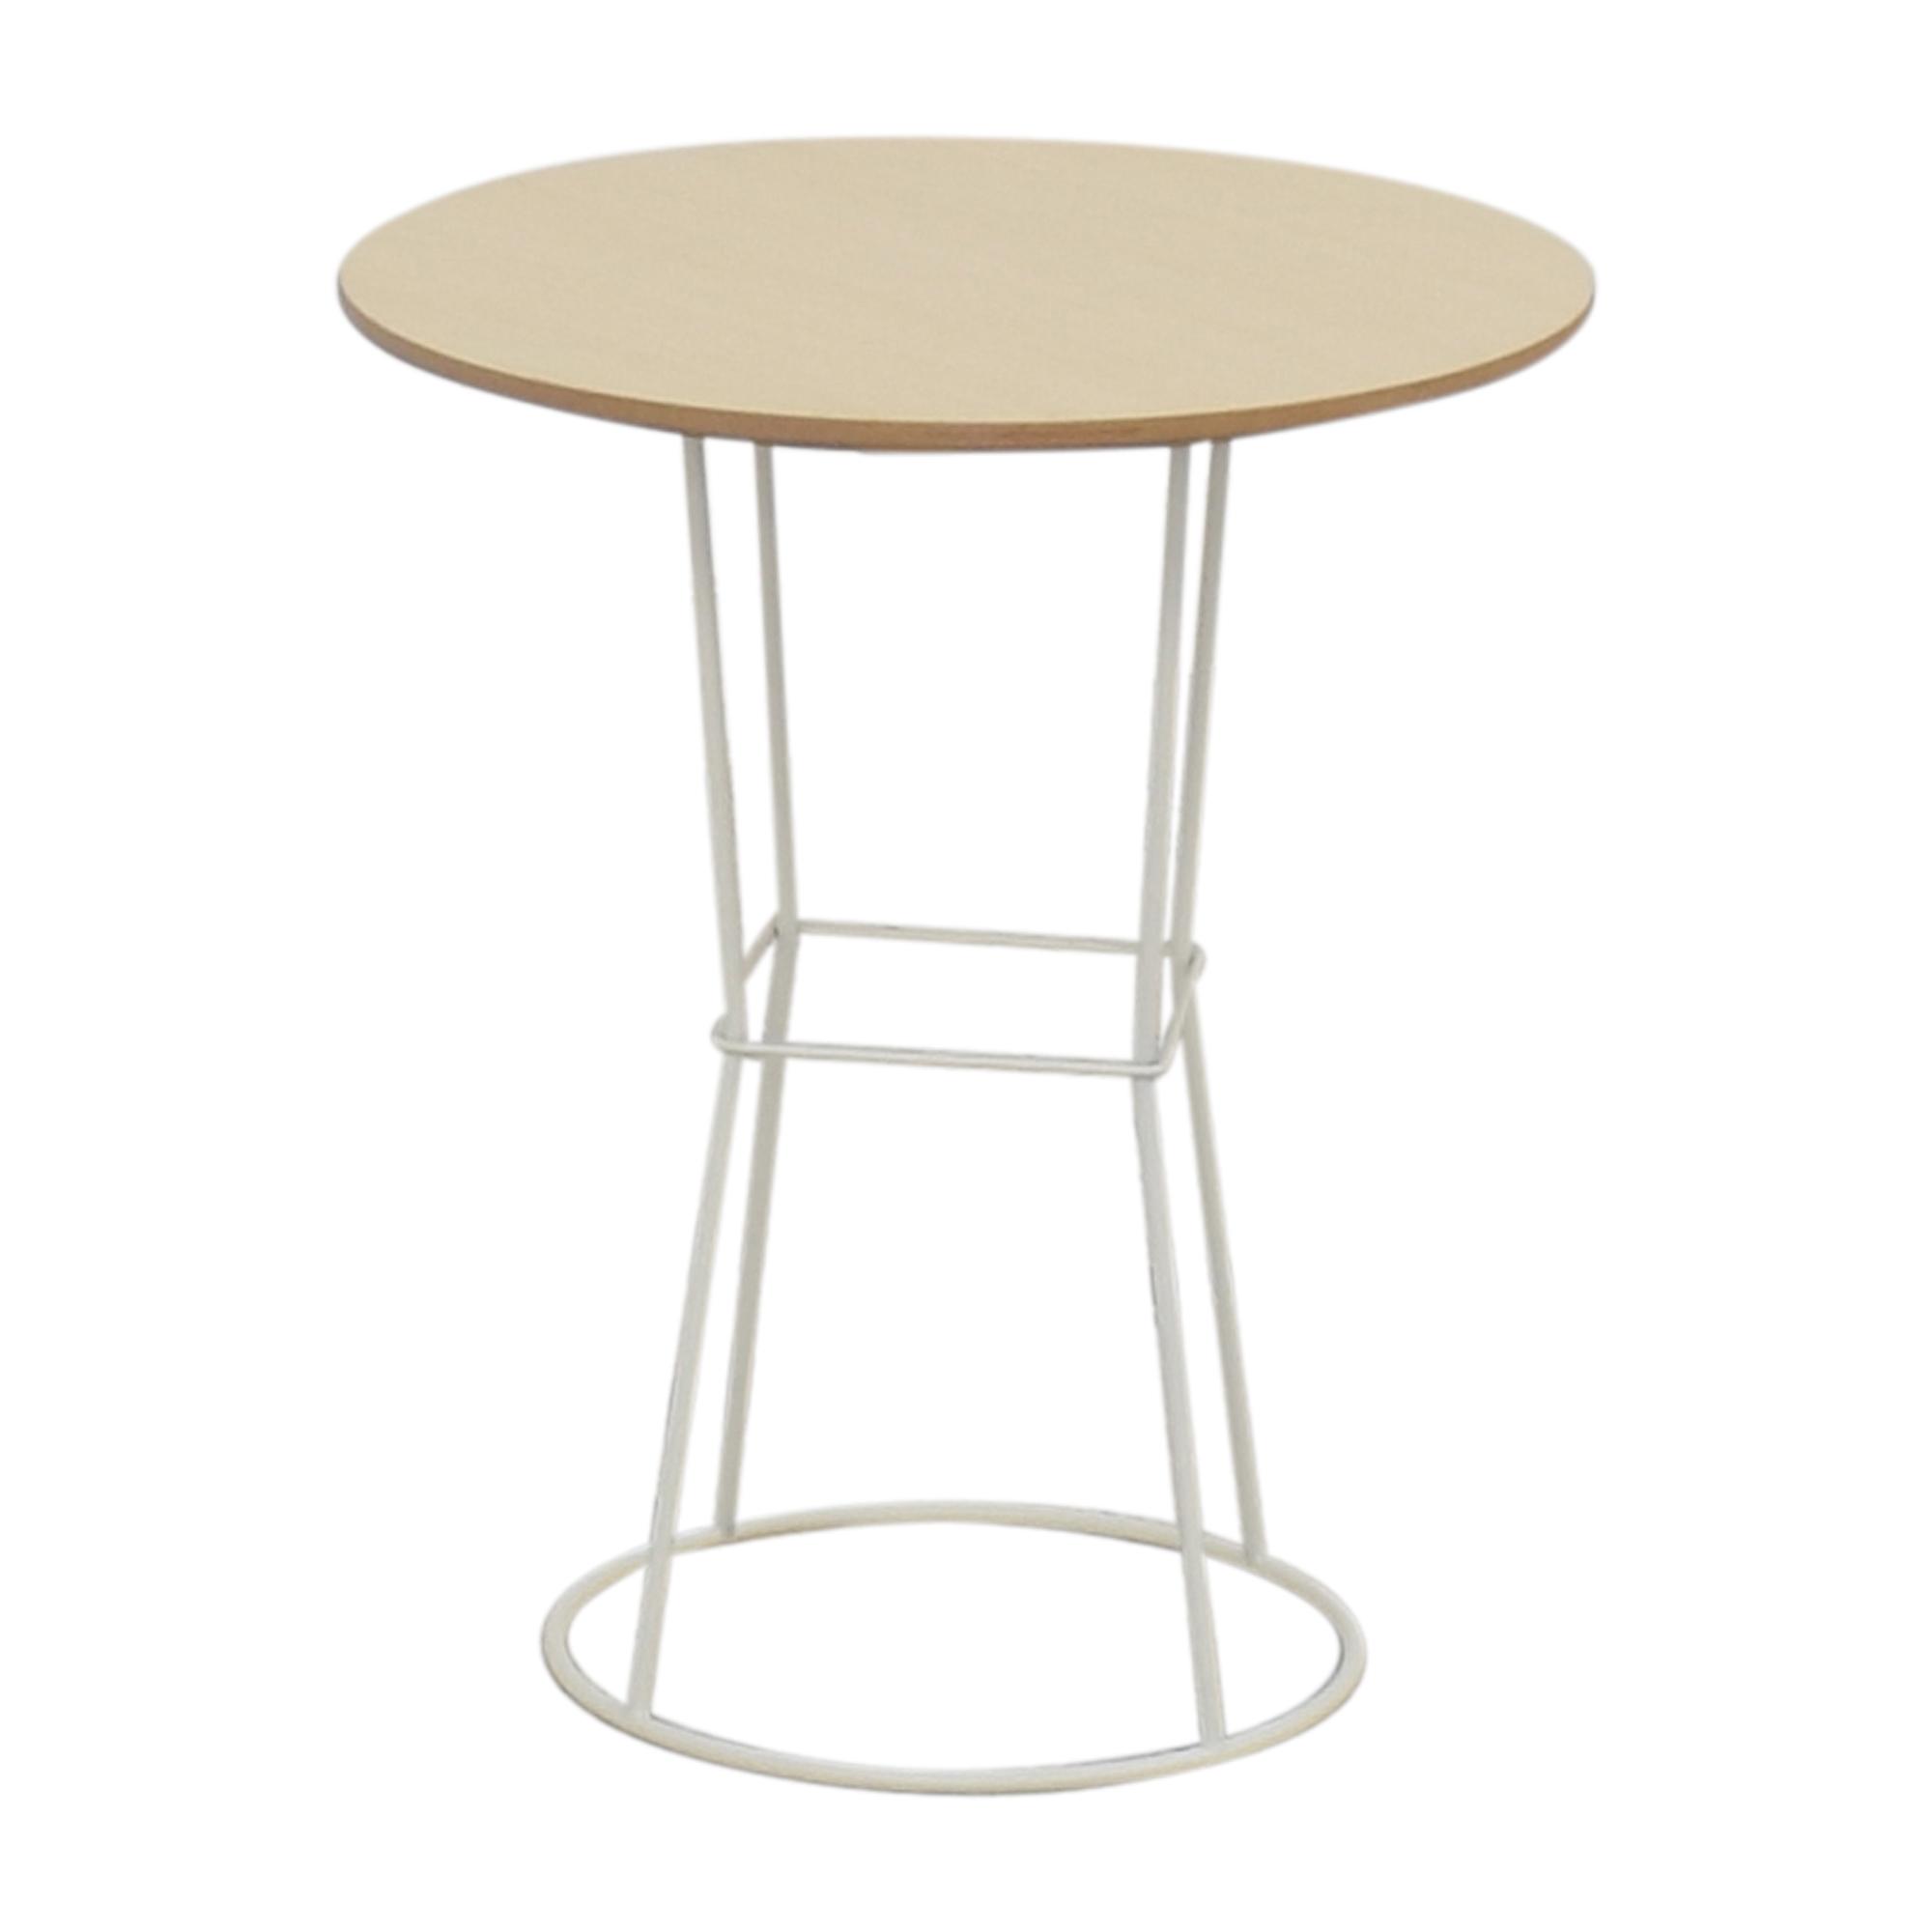 Koleksiyon Koleksiyon Plan Round Coffee Table or Side Table dimensions